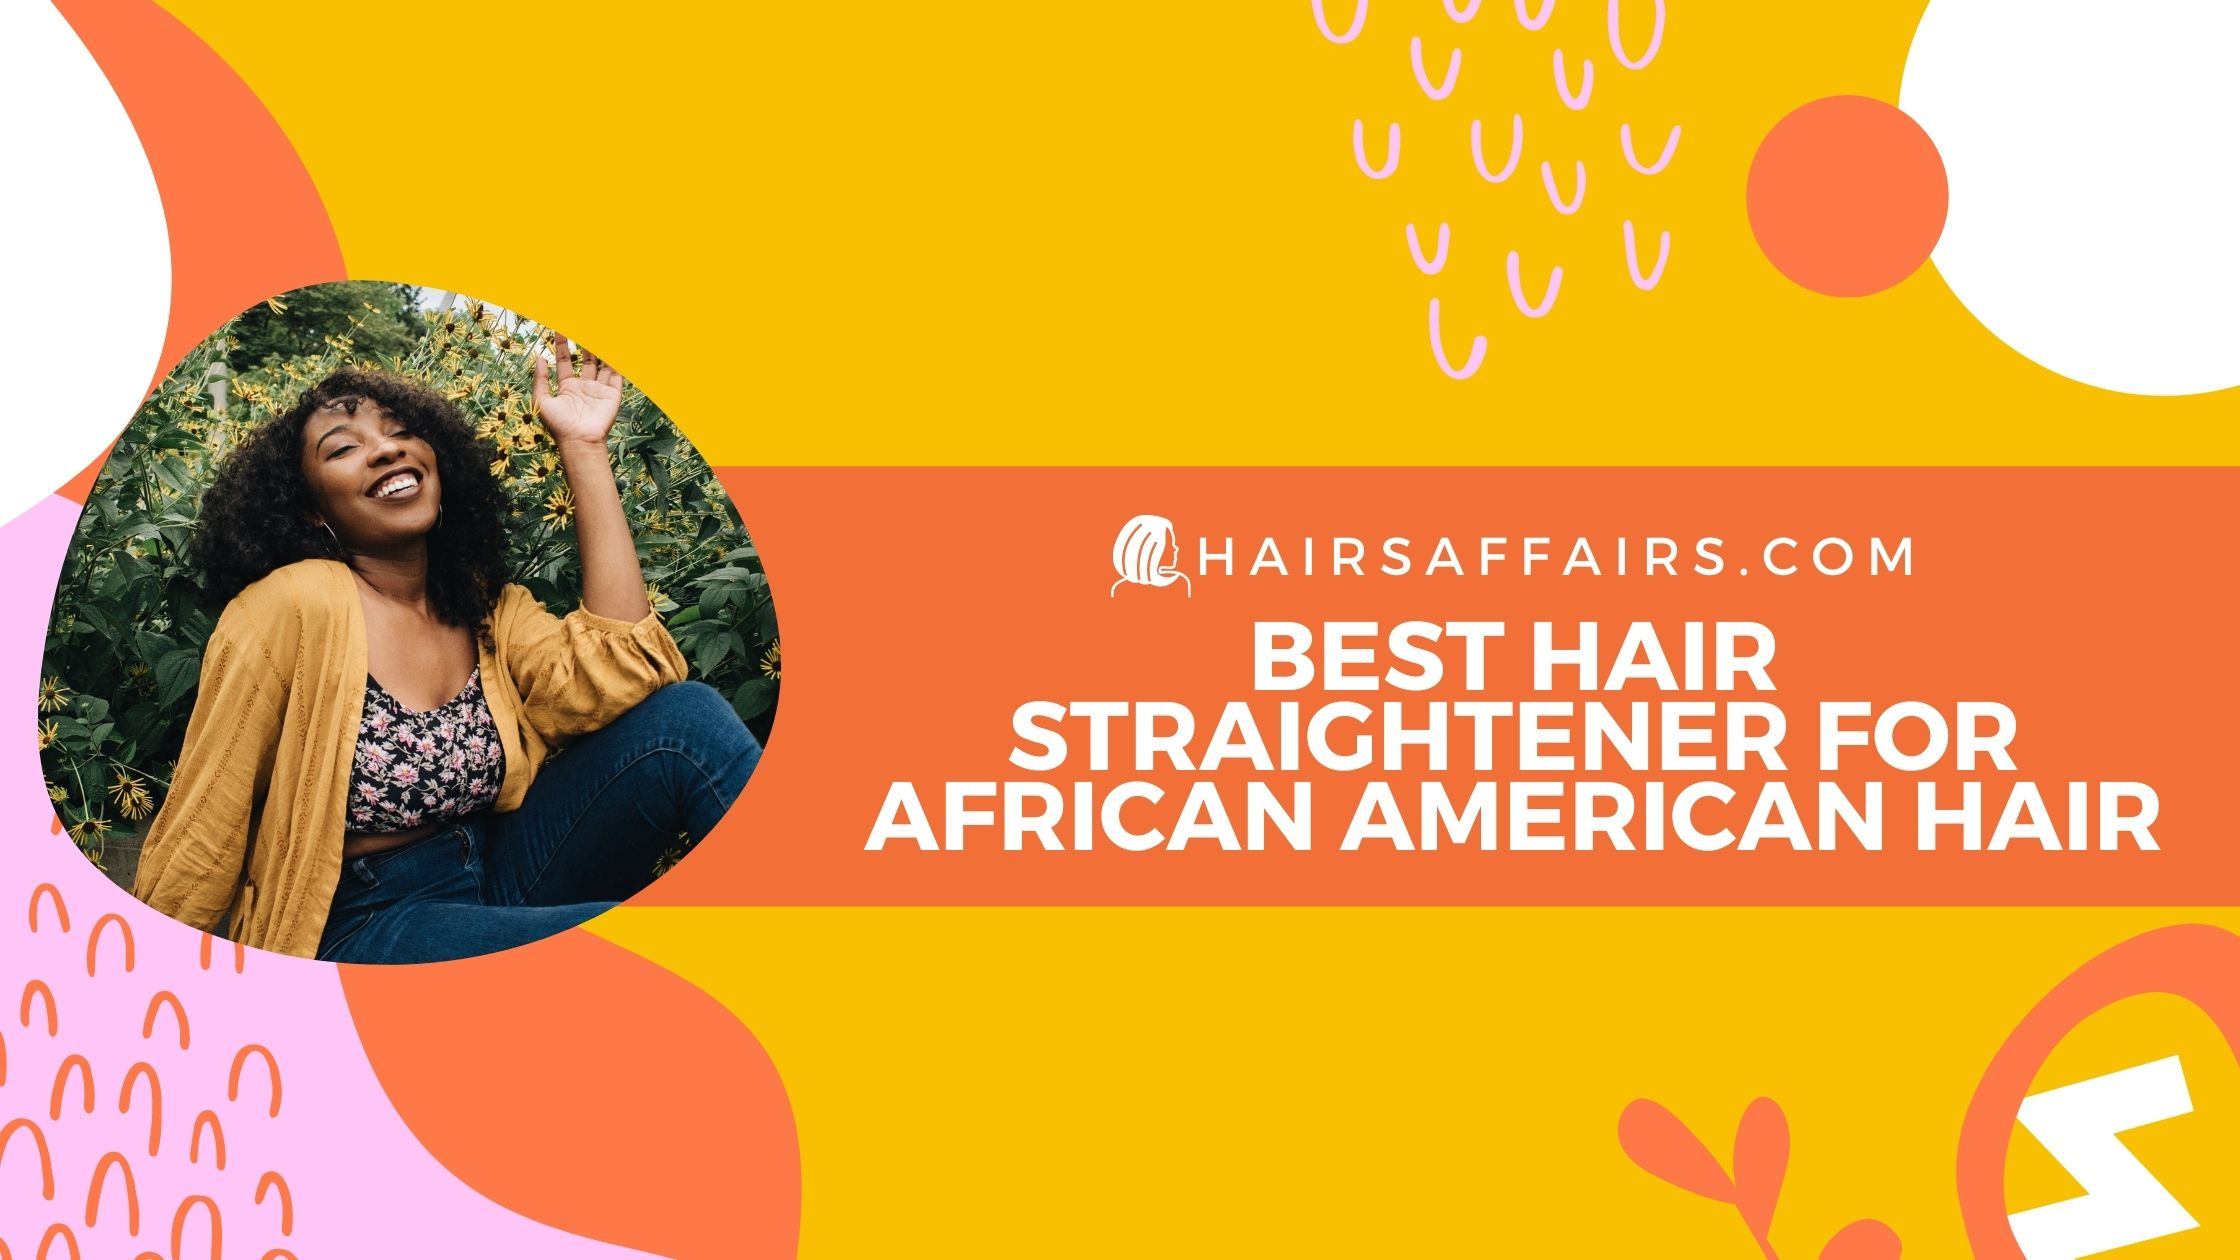 HA-Best-hair-straightener-for-african-american-hair